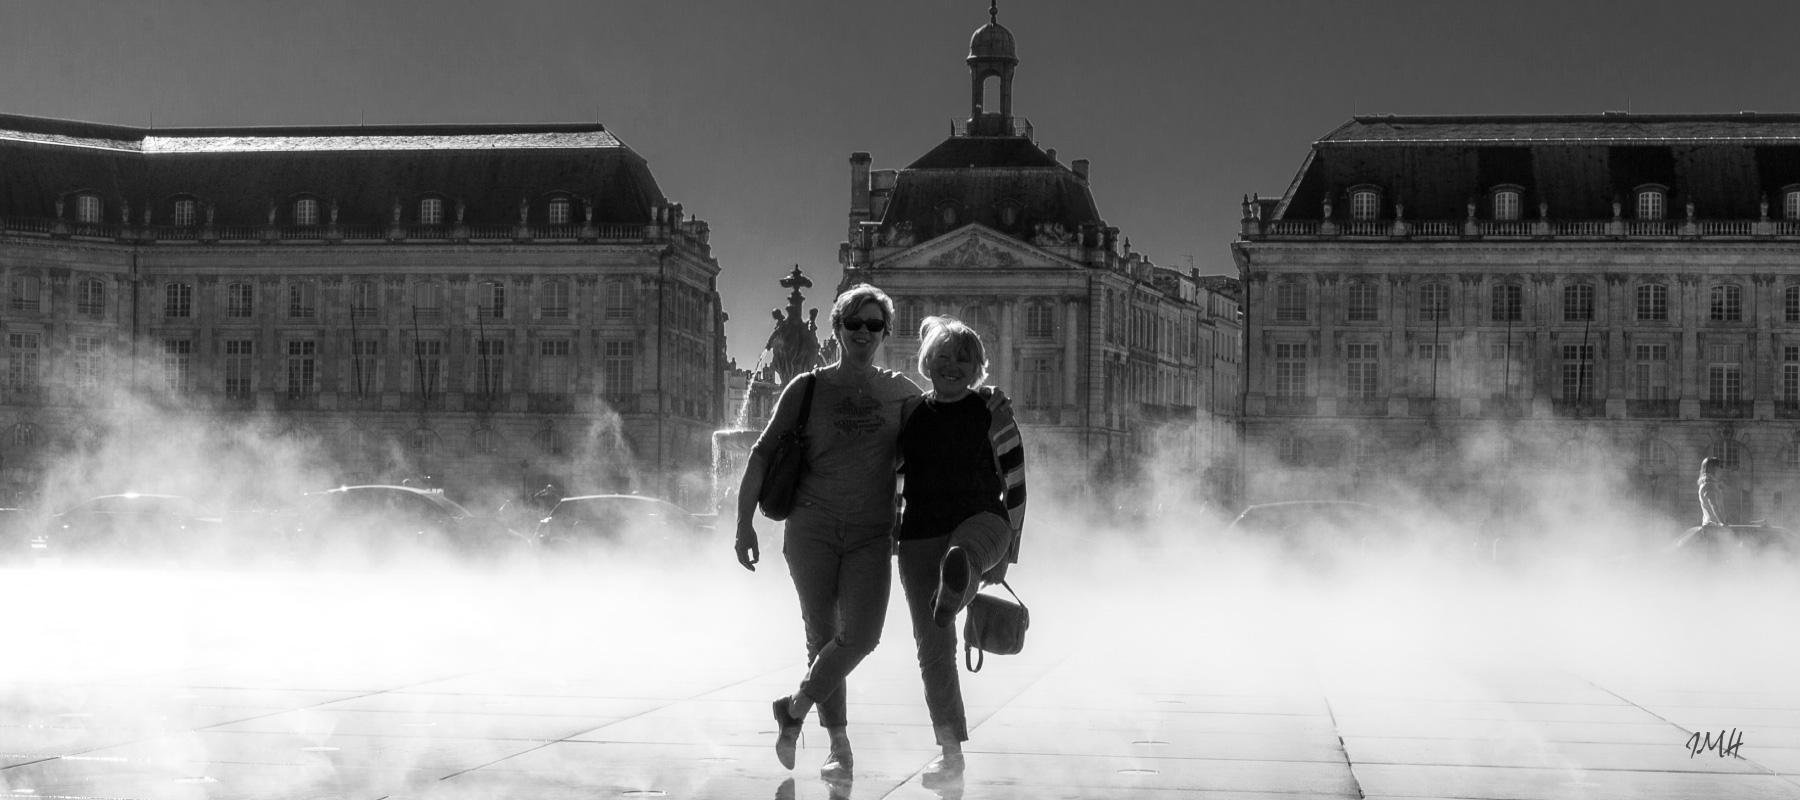 Galeries photos du Haut Languedoc. Regards sur d'autres villes